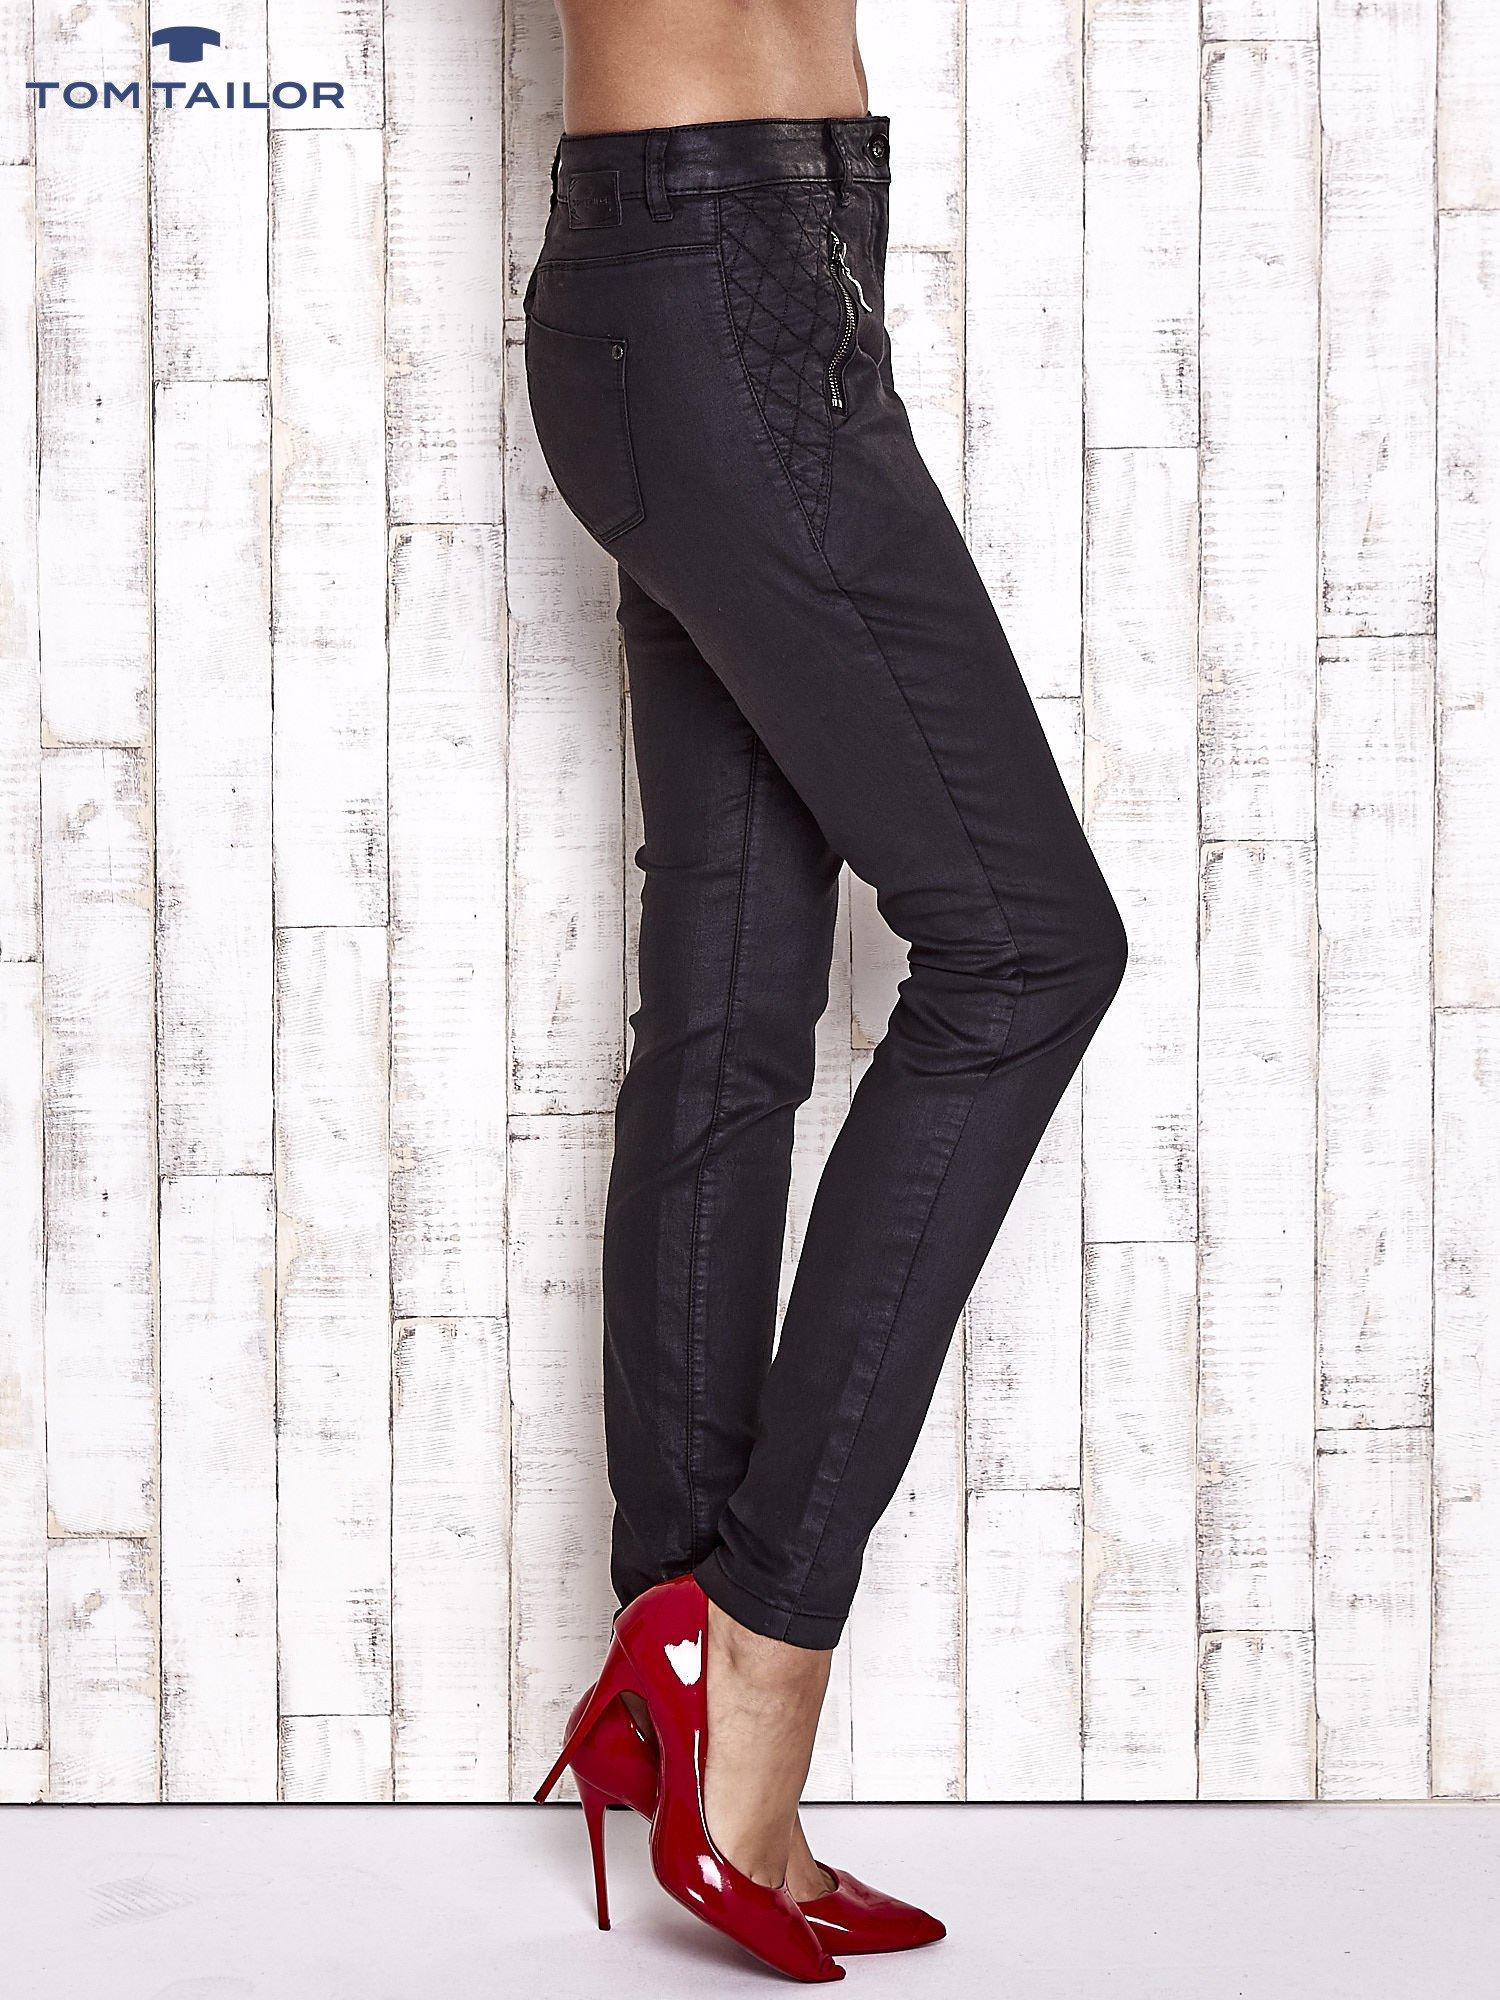 TOM TAILOR Czarne spodnie skinny z suwakami                                  zdj.                                  3